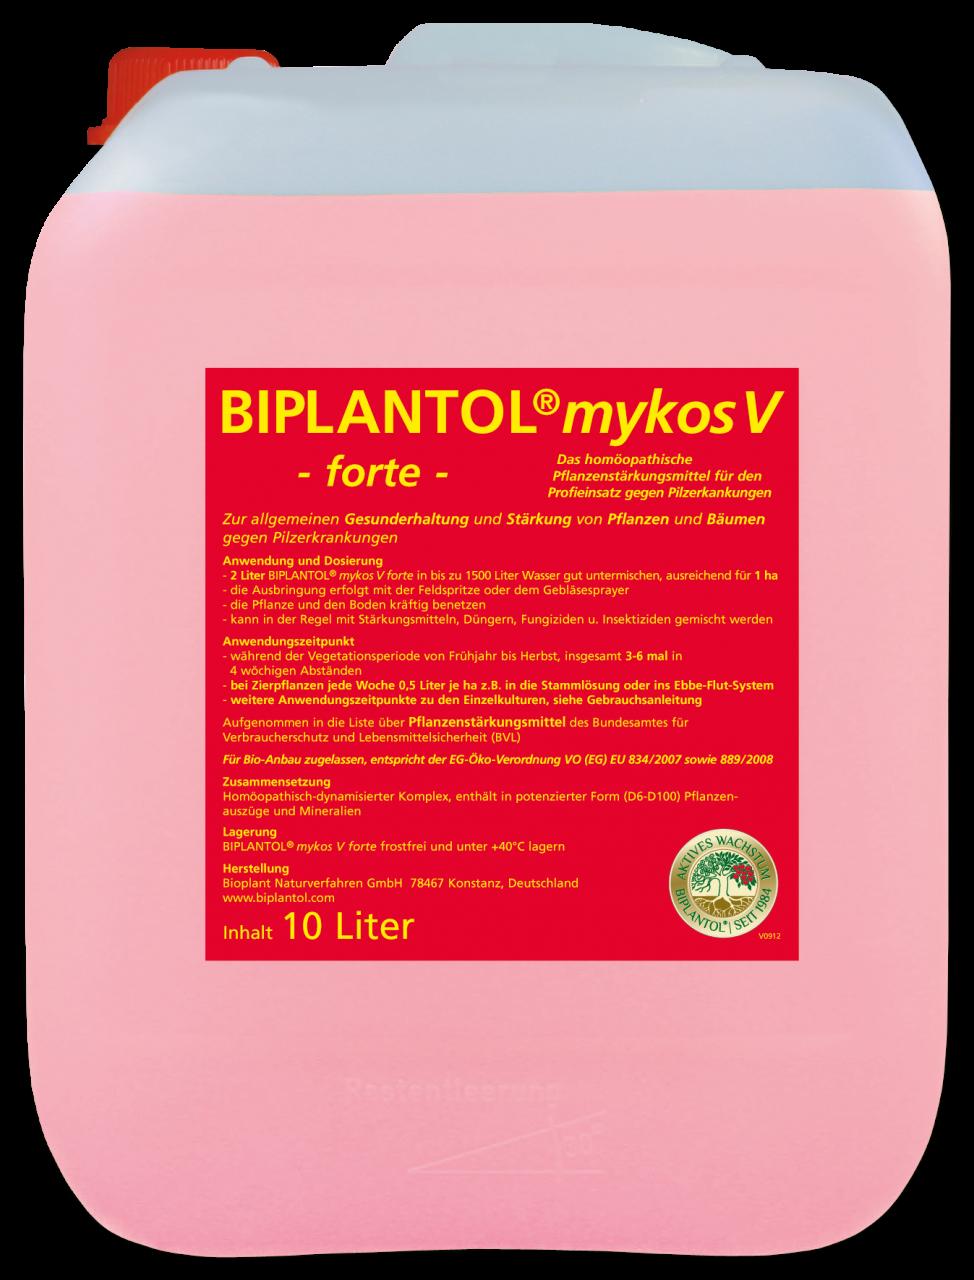 BIPLANTOL® mykos V forte